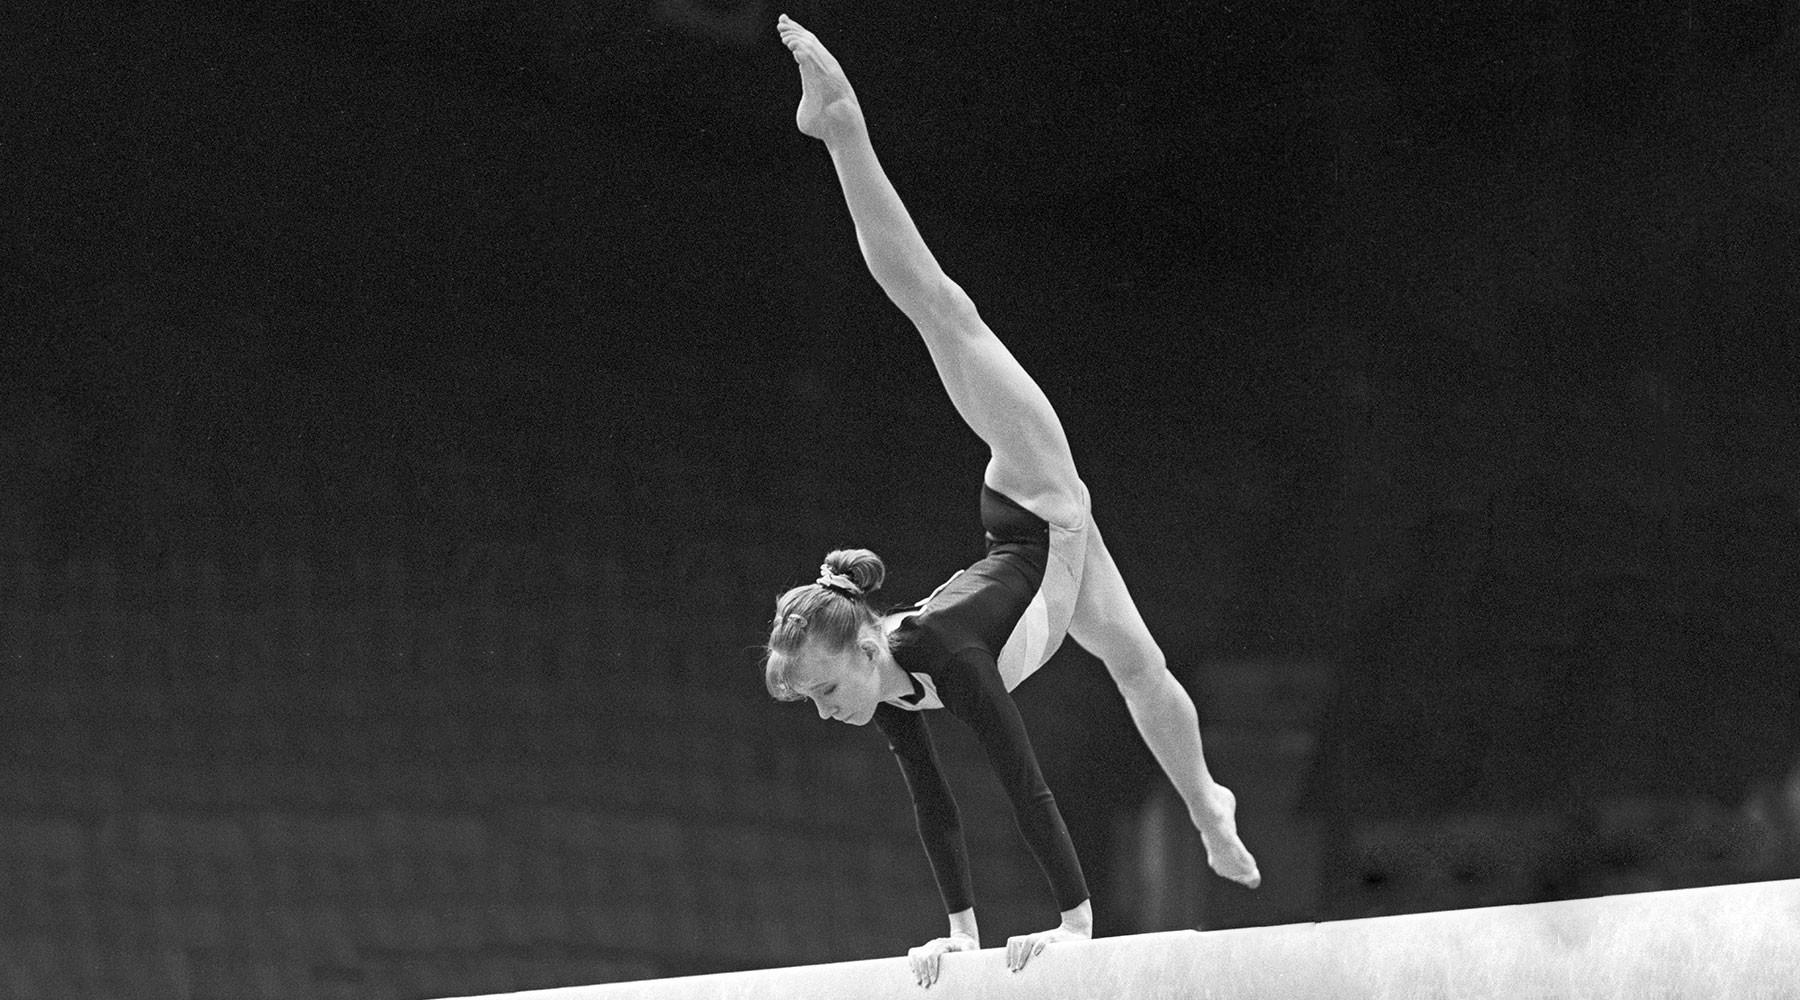 чемпионка ОИ по гимнастике обвинила в изнасиловании партнёра по сборной спустя 26 лет»